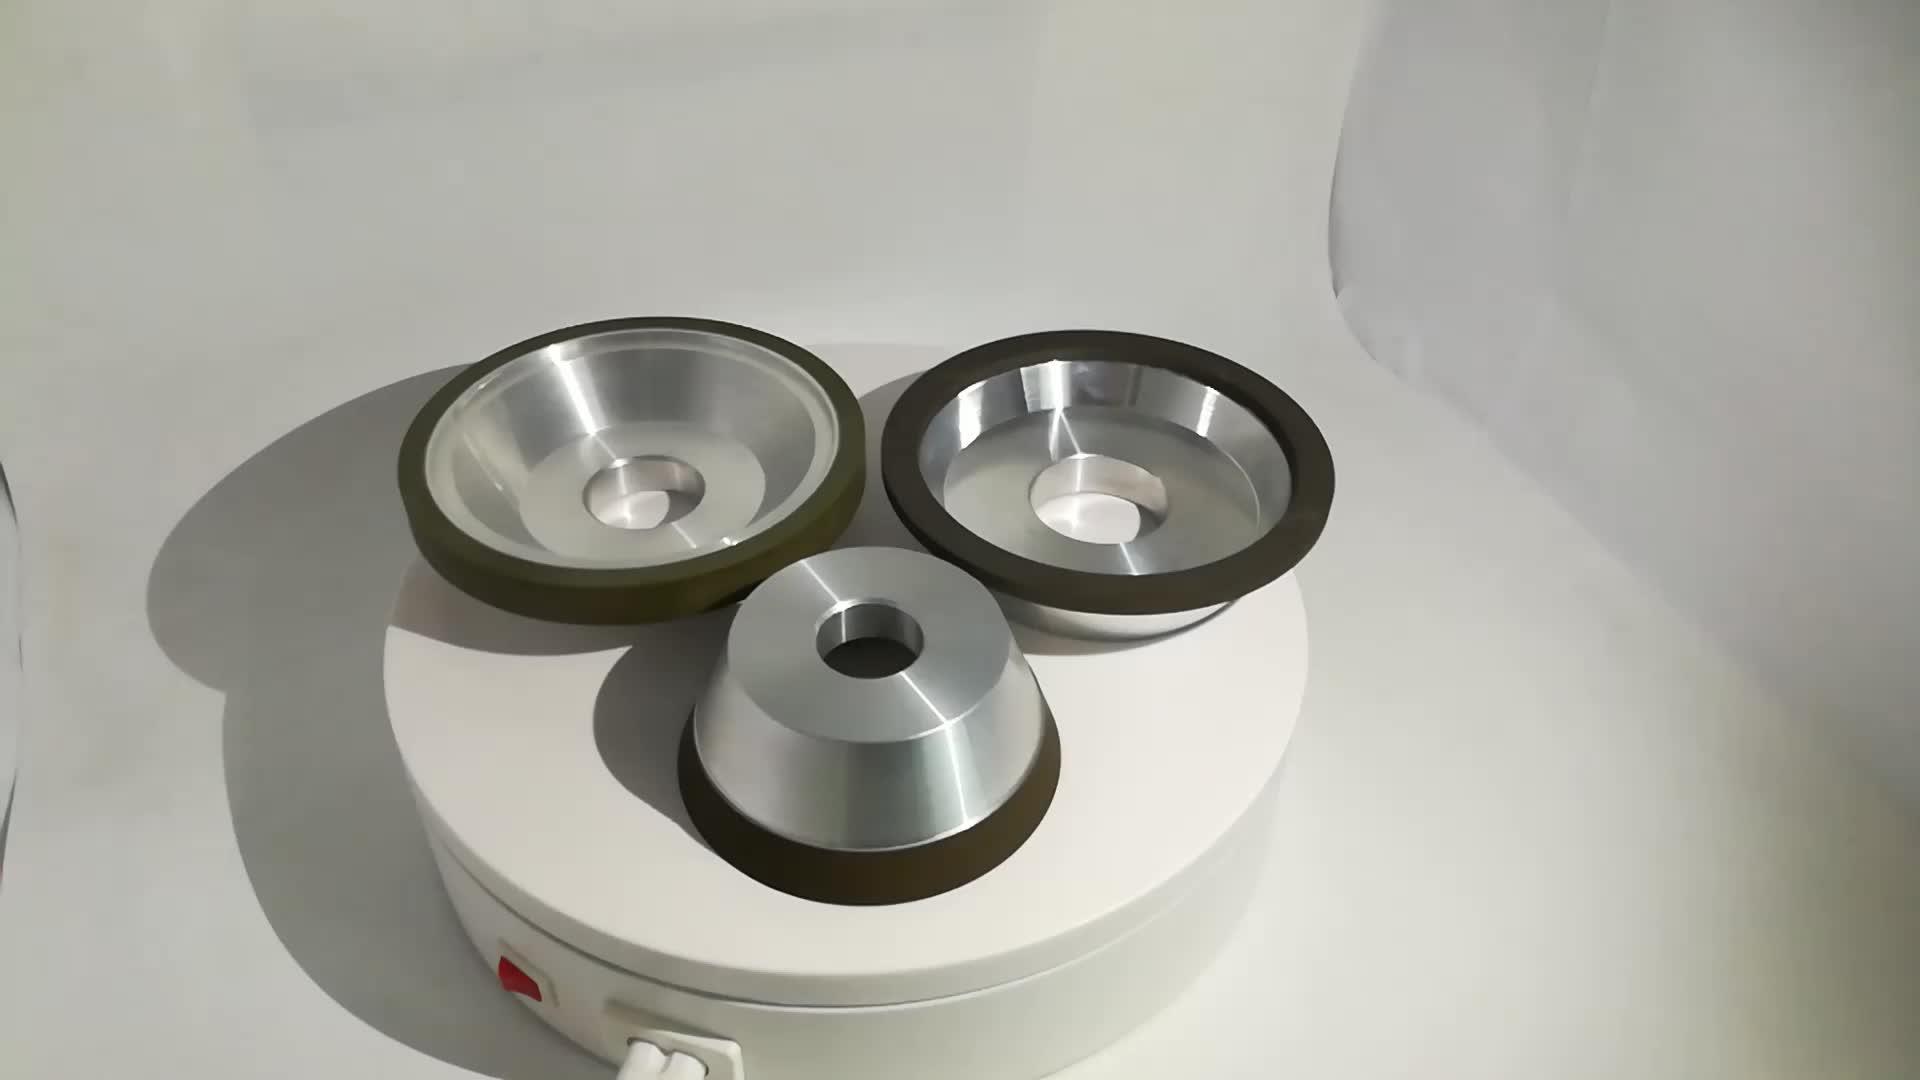 세라믹 본드 CBN 다이아몬드 평행 휠 9 인치 Pcd 컵 휠